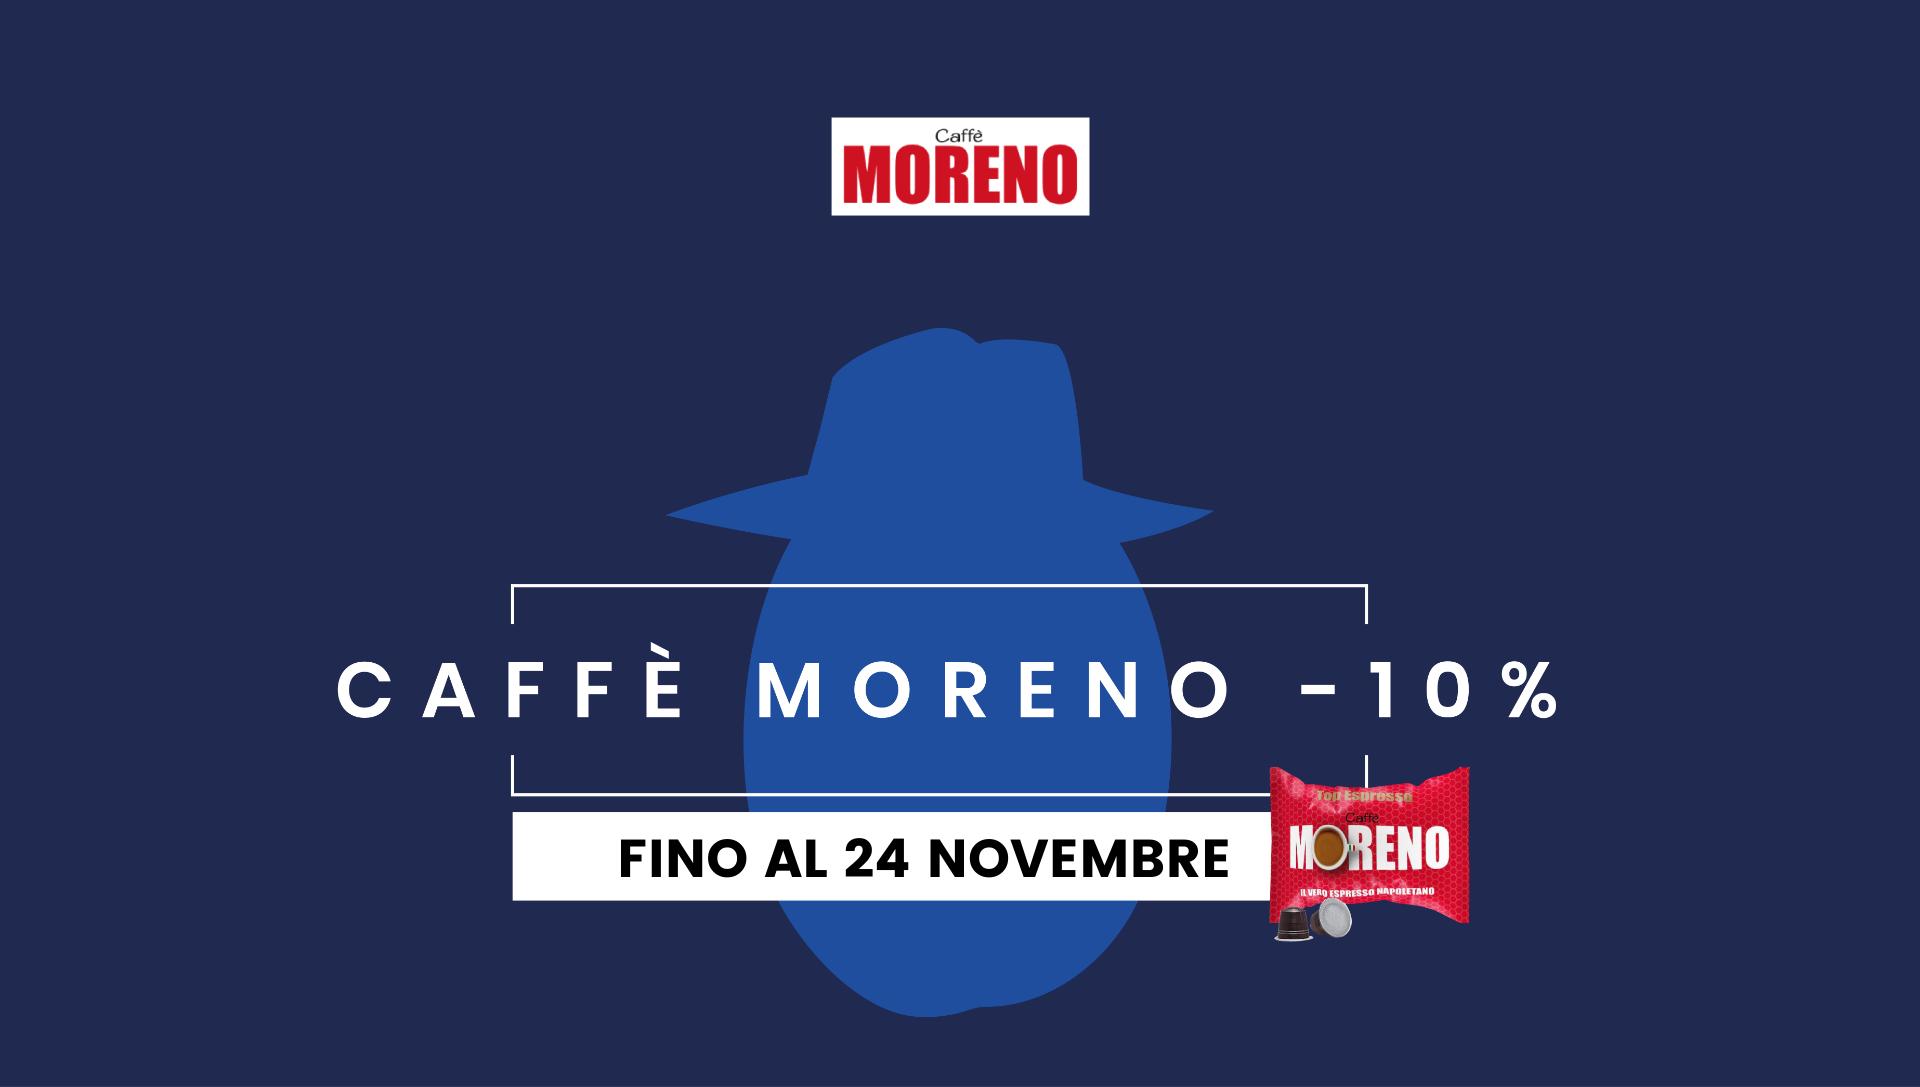 Moreno Caffè -10%